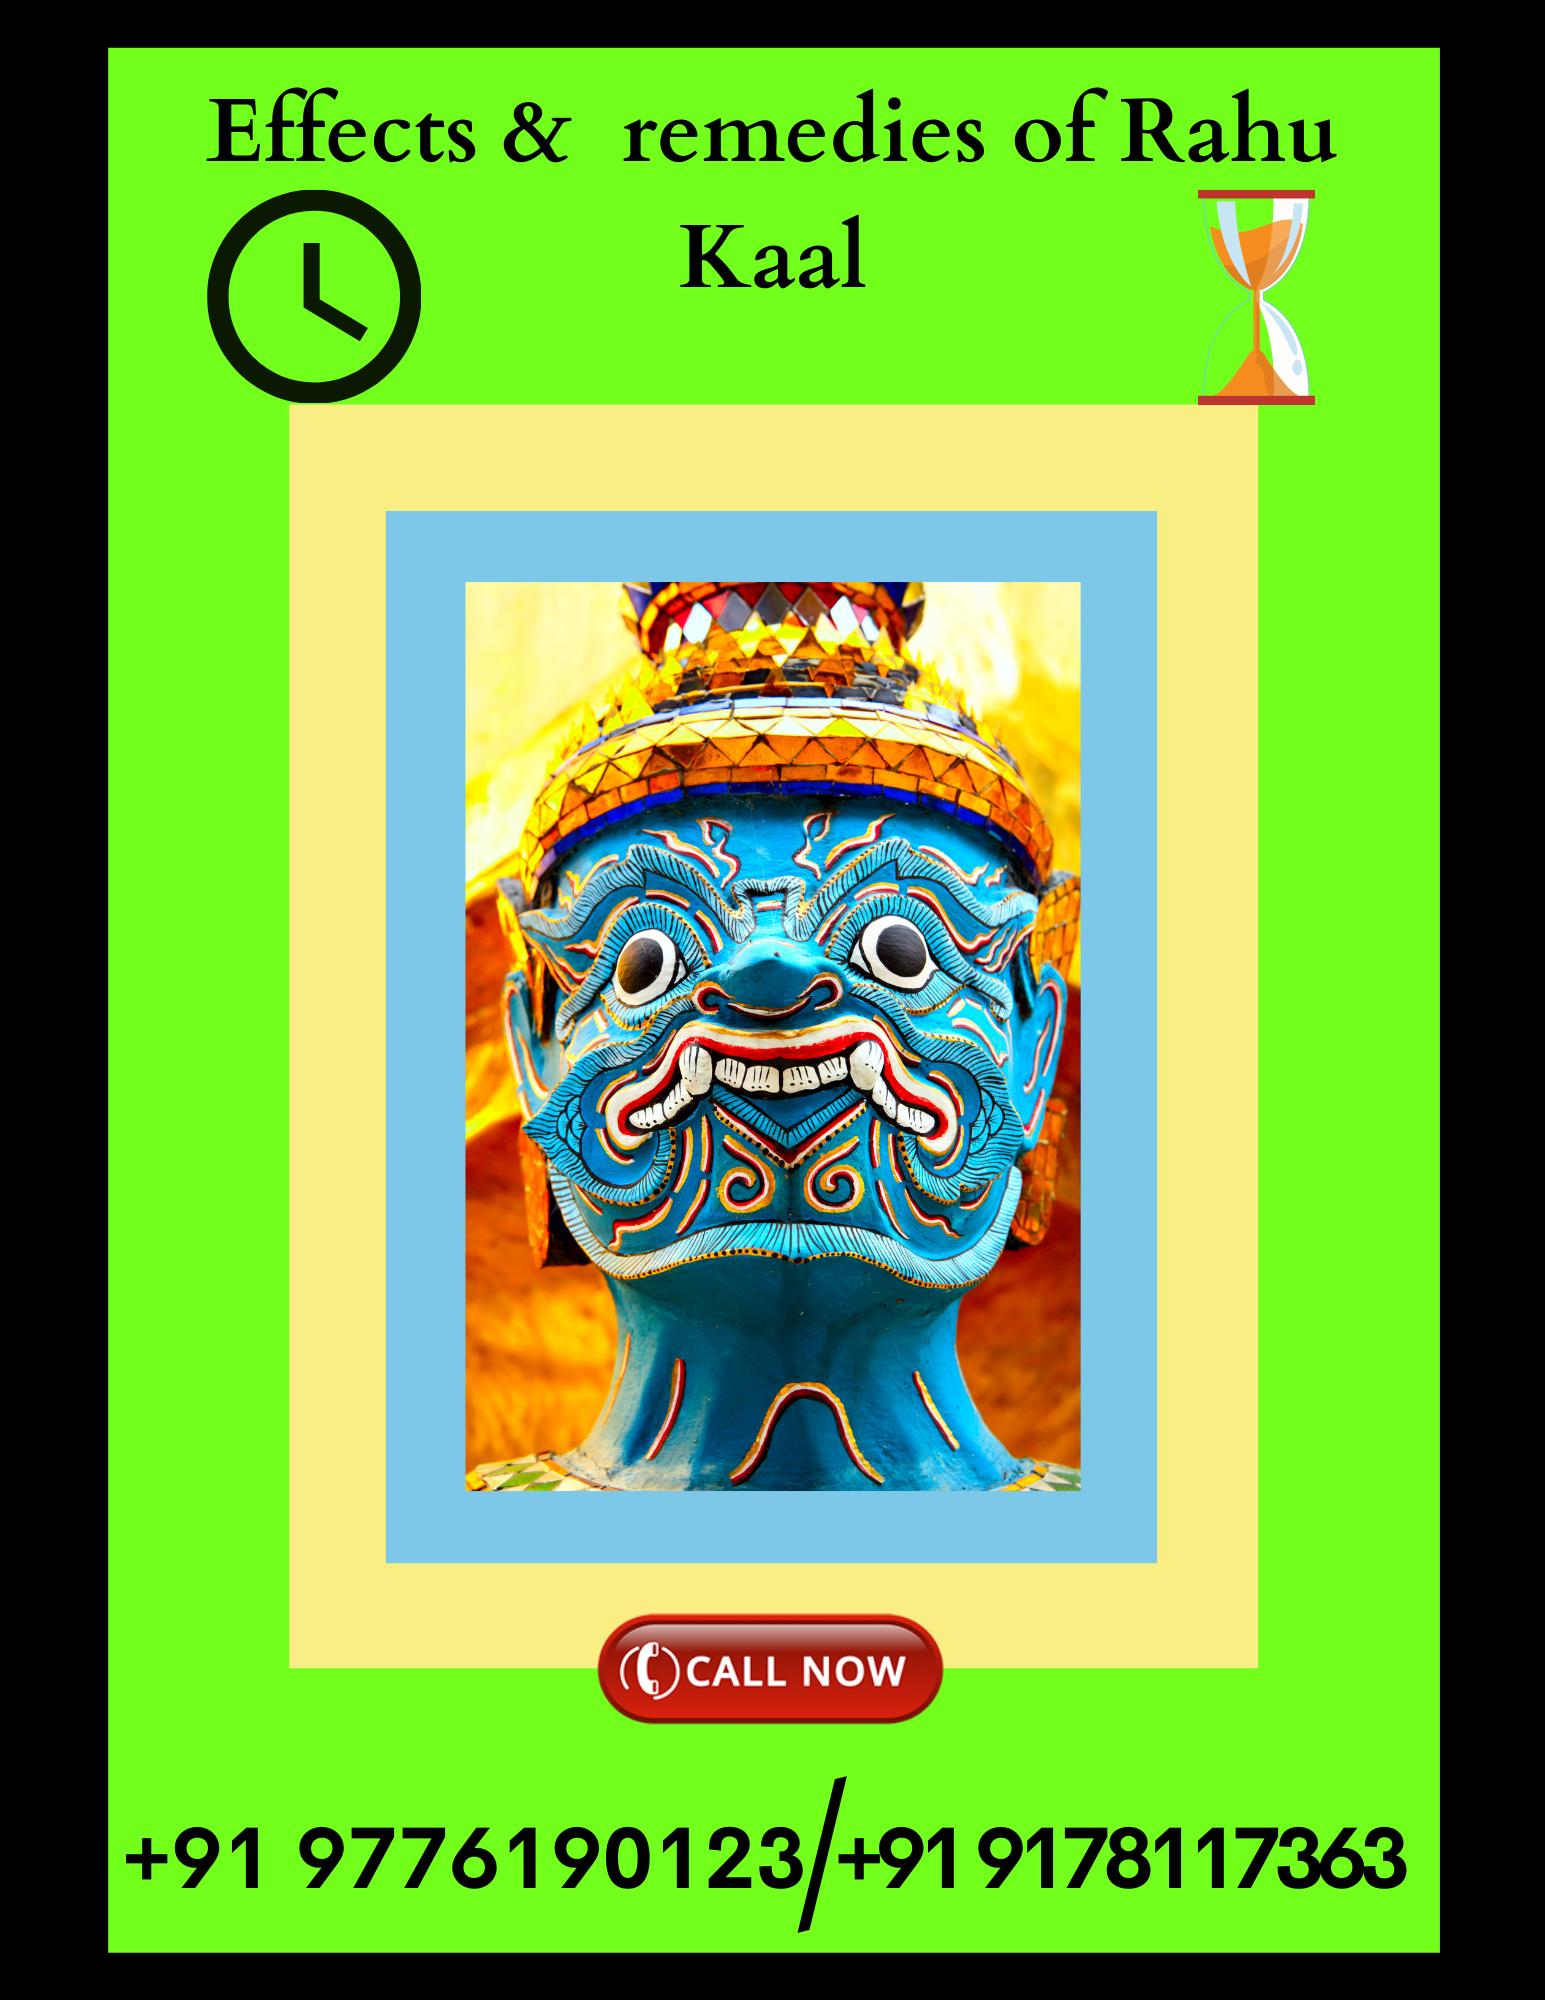 What Is The Pariharam For Baby Born In Rahu Kalam : pariharam, kalam, Kaalam, |Rahu, Timing, Upay|, Problem, Solution,, Astrology,, Remedies